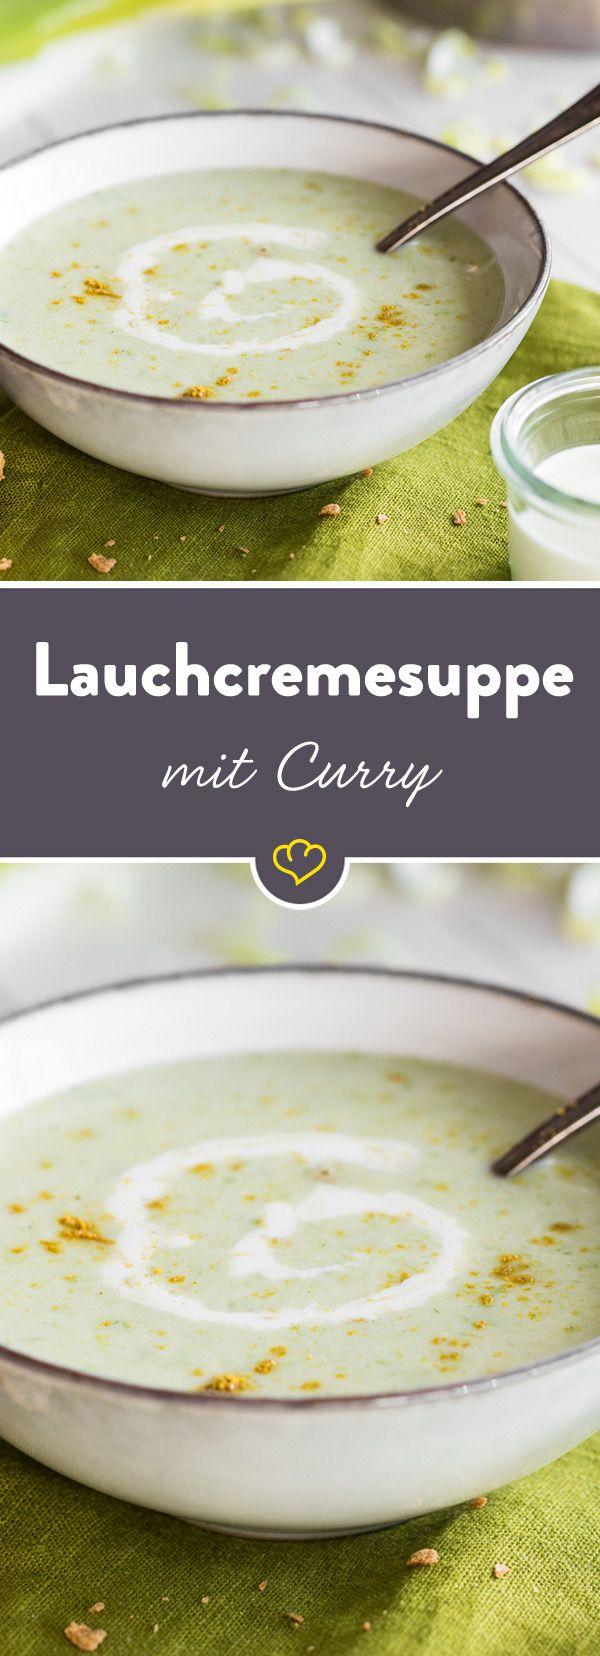 Passend zur kalten Jahreszeit darfst du dich heute über eine cremige Lauchsuppe freuen. Curry verleiht dem Ganzen eine leicht exotische Note.